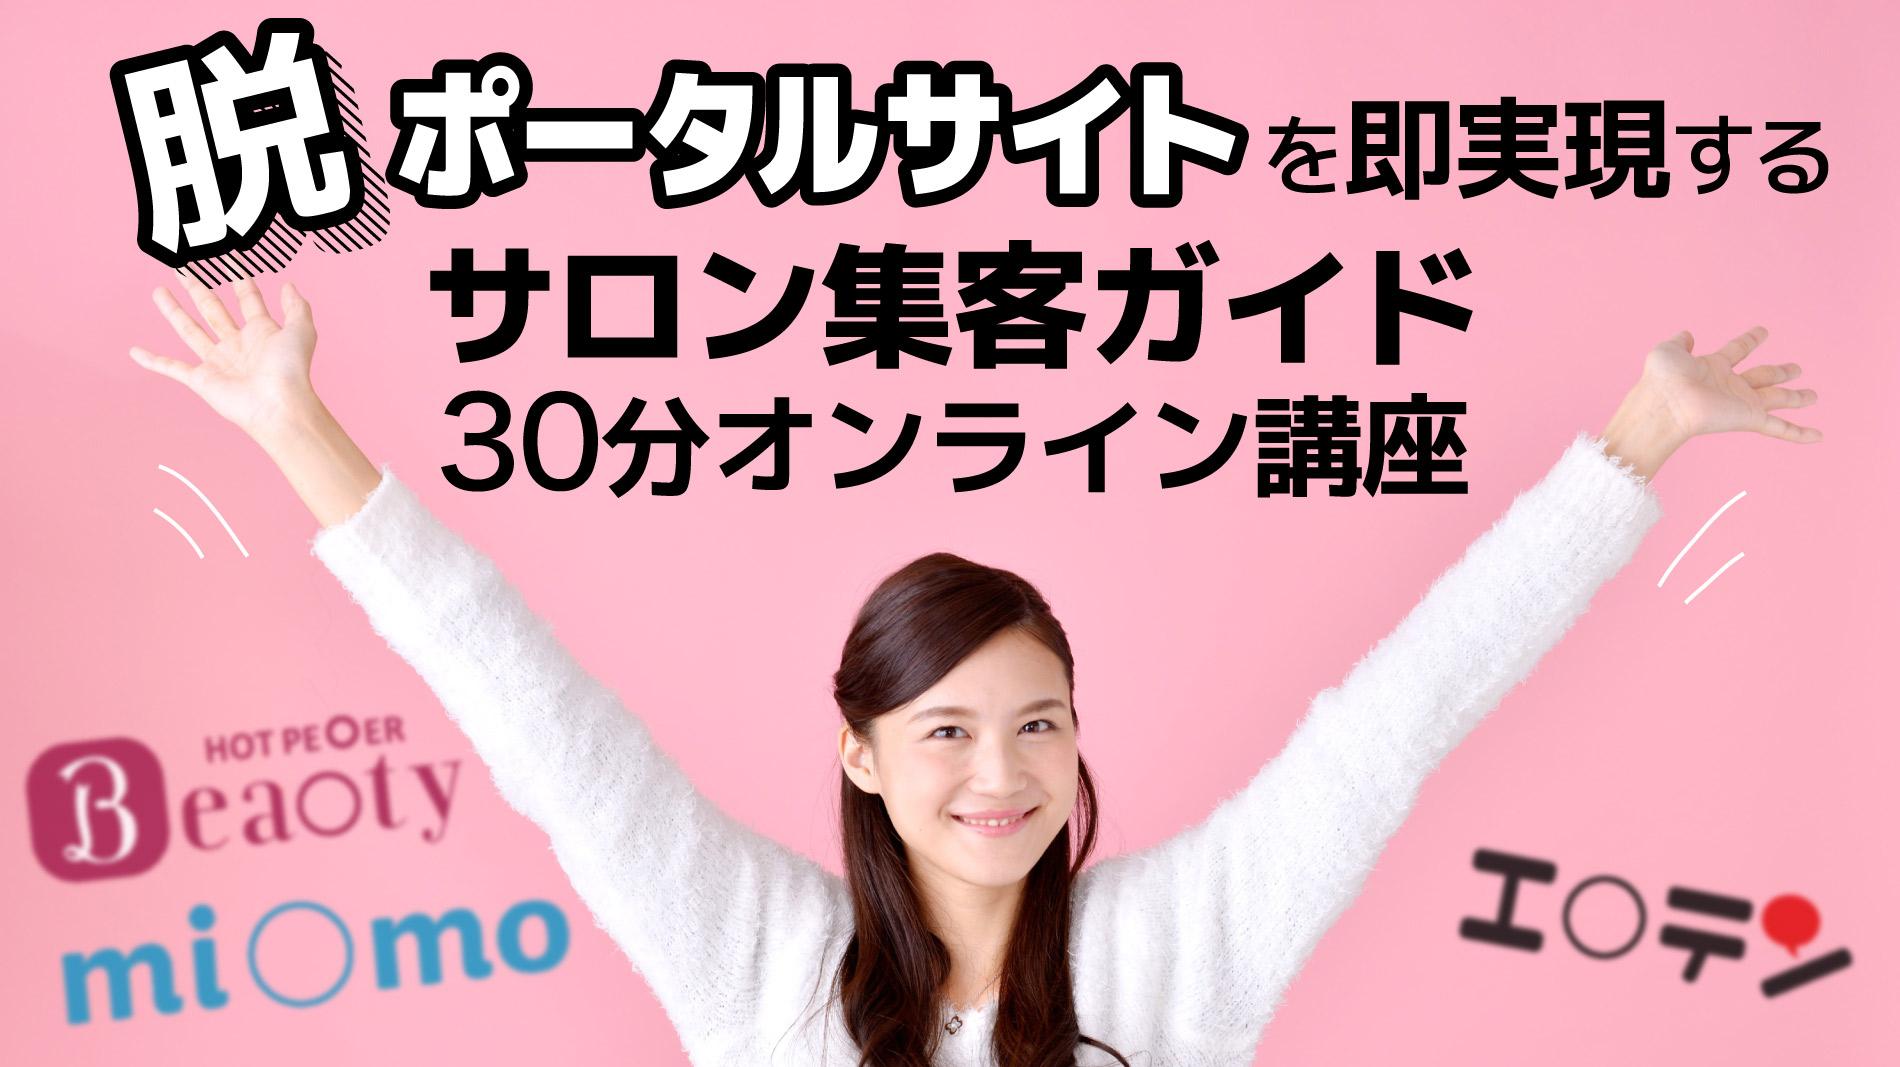 【無料セミナー】脱・ポータルサイトを即実現するサロン集客ガイド